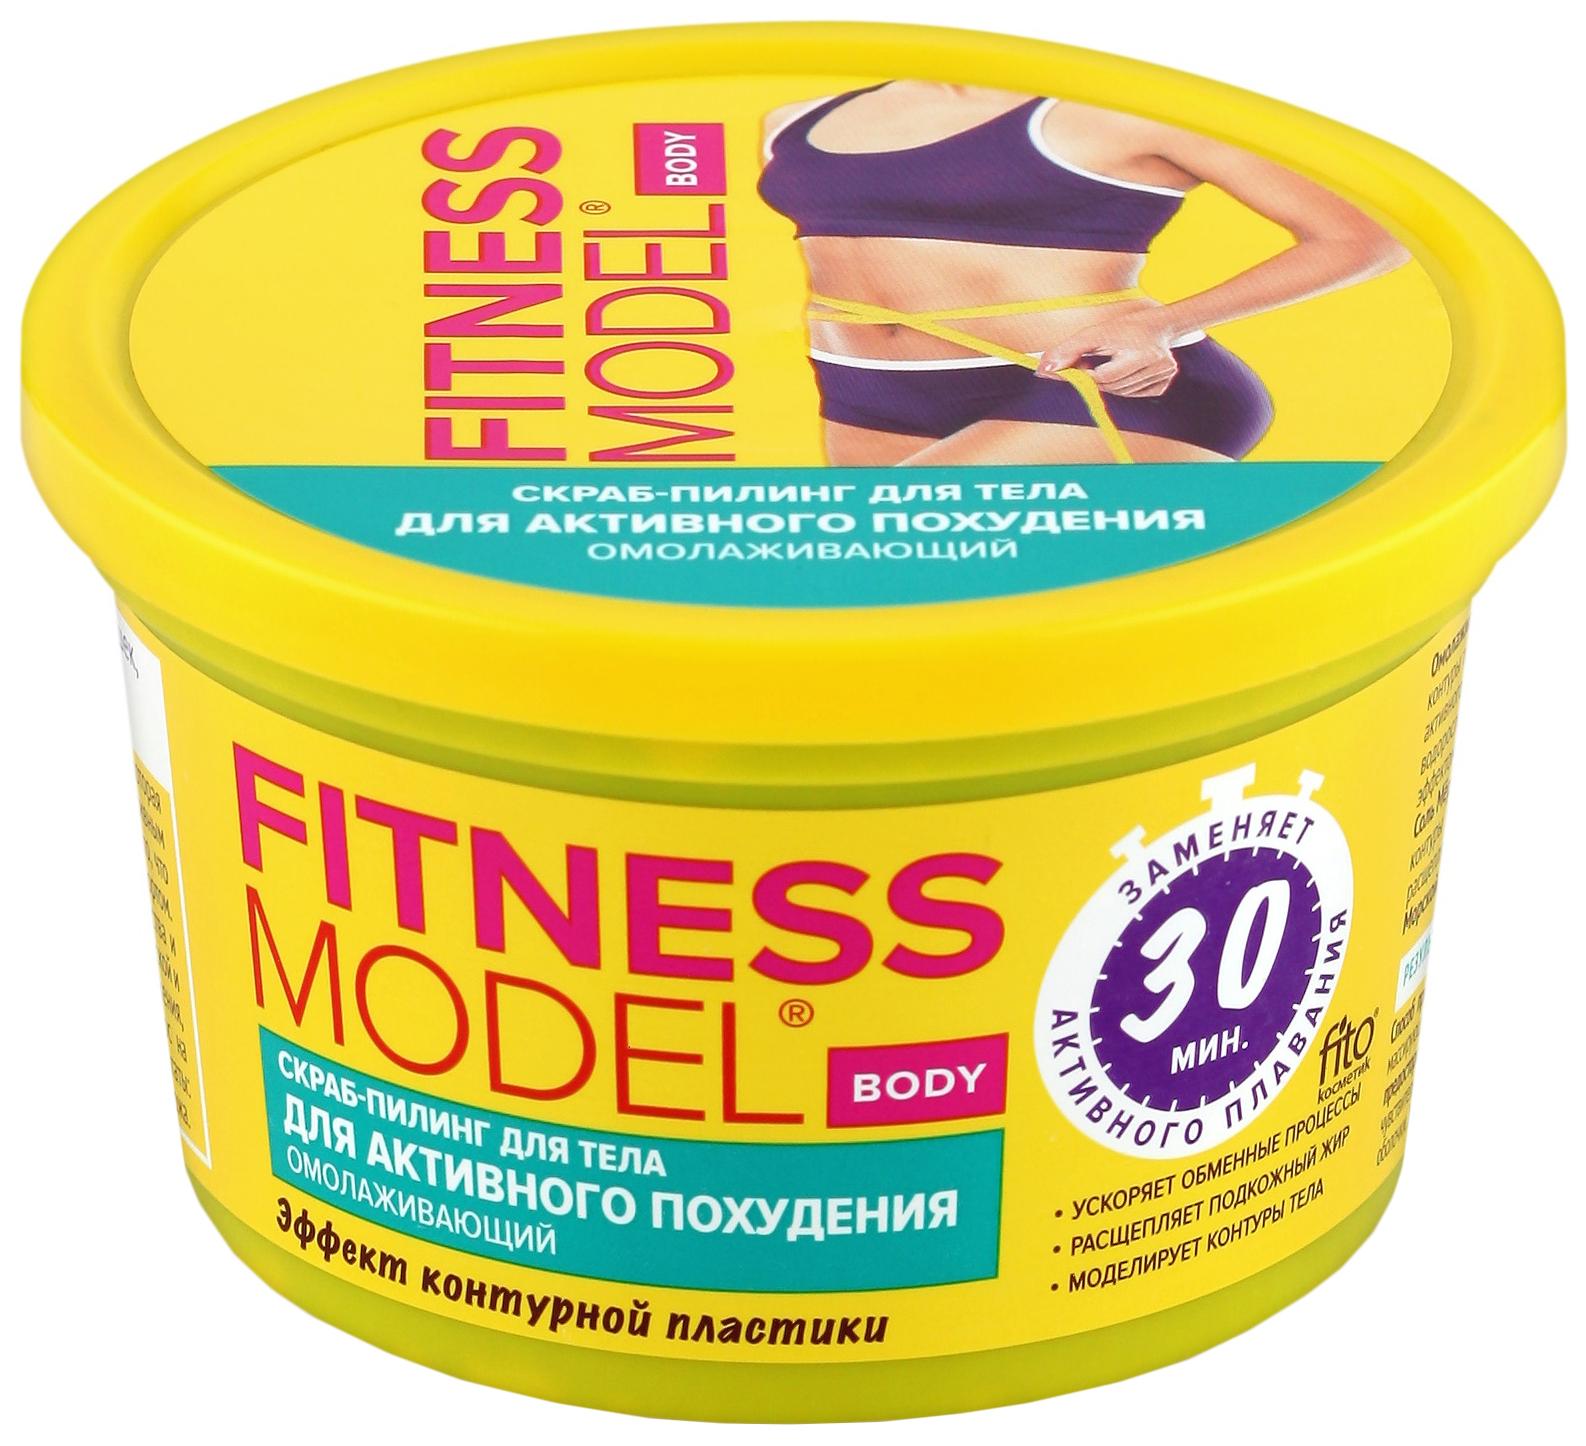 Купить Скраб для тела ФИТОкосметик FITNESS MODEL Для активного похудения Омолаживающий 250 мл, Фитокосметик